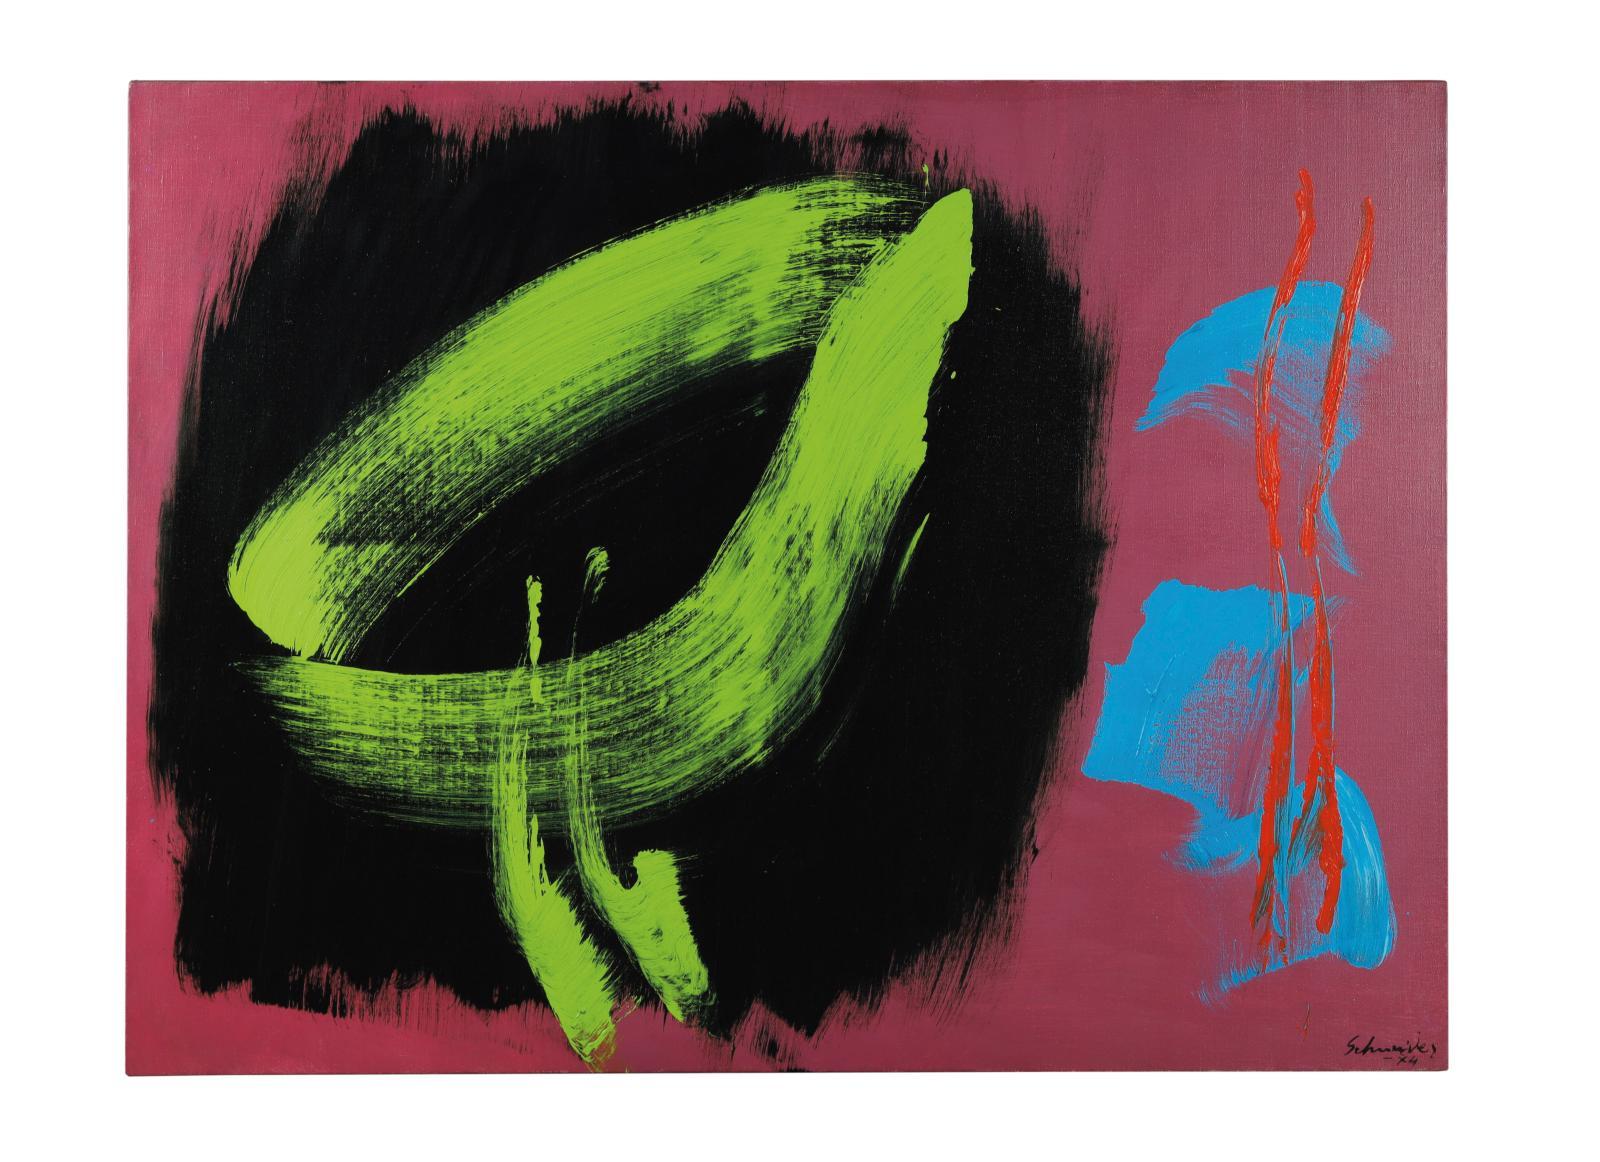 Gérard Schneider (1896-1986) est présent dans cette collection au travers de plusieurs œuvres, dont cet acrylique sur toile signé et daté